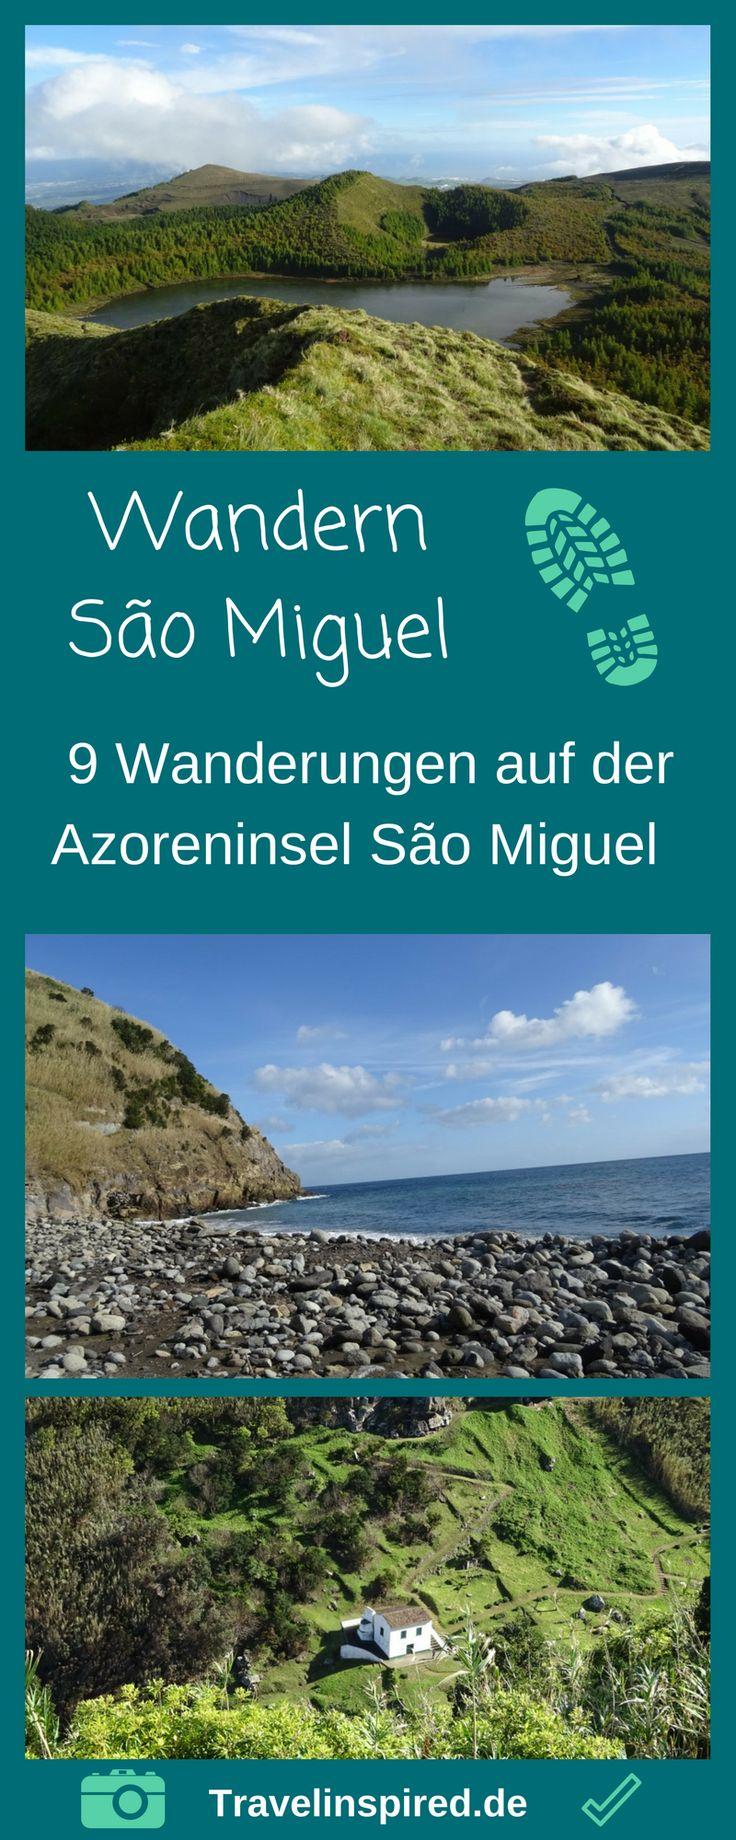 Wanderparadies Azoren: Wir stellen dir 9 wunderschöne Wanderungen auf Sao Miguel vor. #saomiguel #wandern #azoren #portugal #travelinspired #wanderrouten #wanderung #lombadas #saltodafarinhas #lagoadasfurnas #capelas #furnas #reisetippswandern #portoformoso #chagorreana